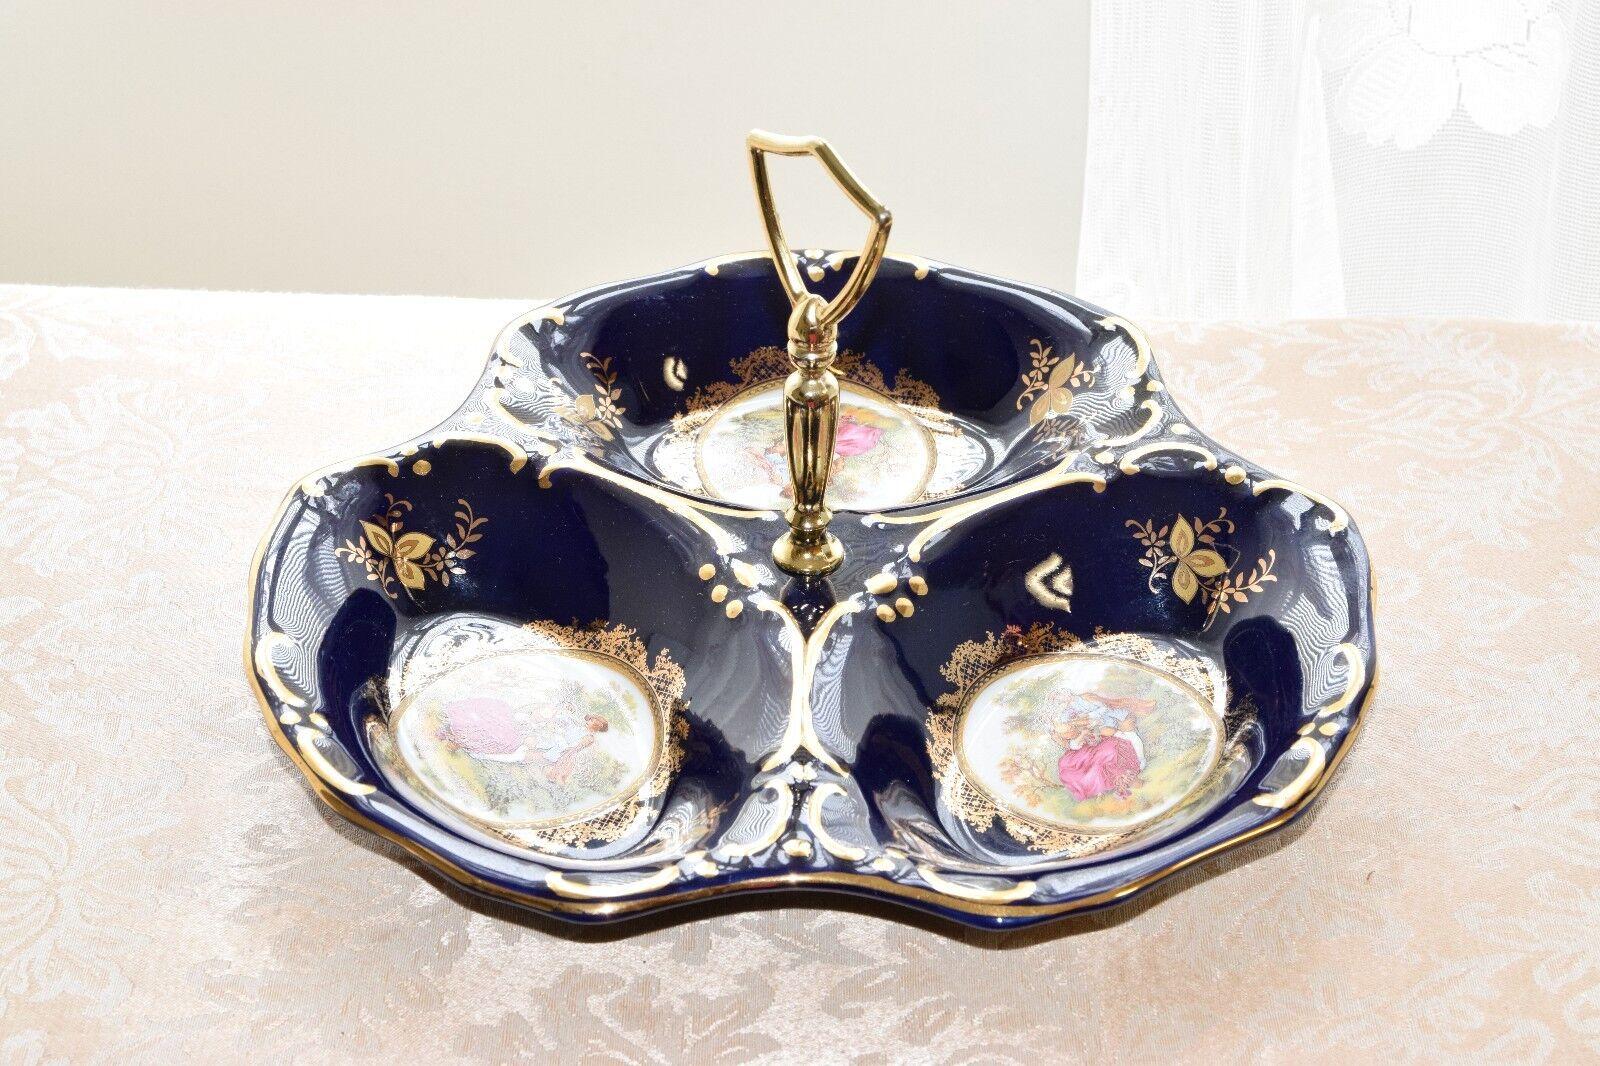 Vintage Bleu Cobalt en Porcelaine 3-section DIVIDED poignée plat plateau Relish Plaqué Or